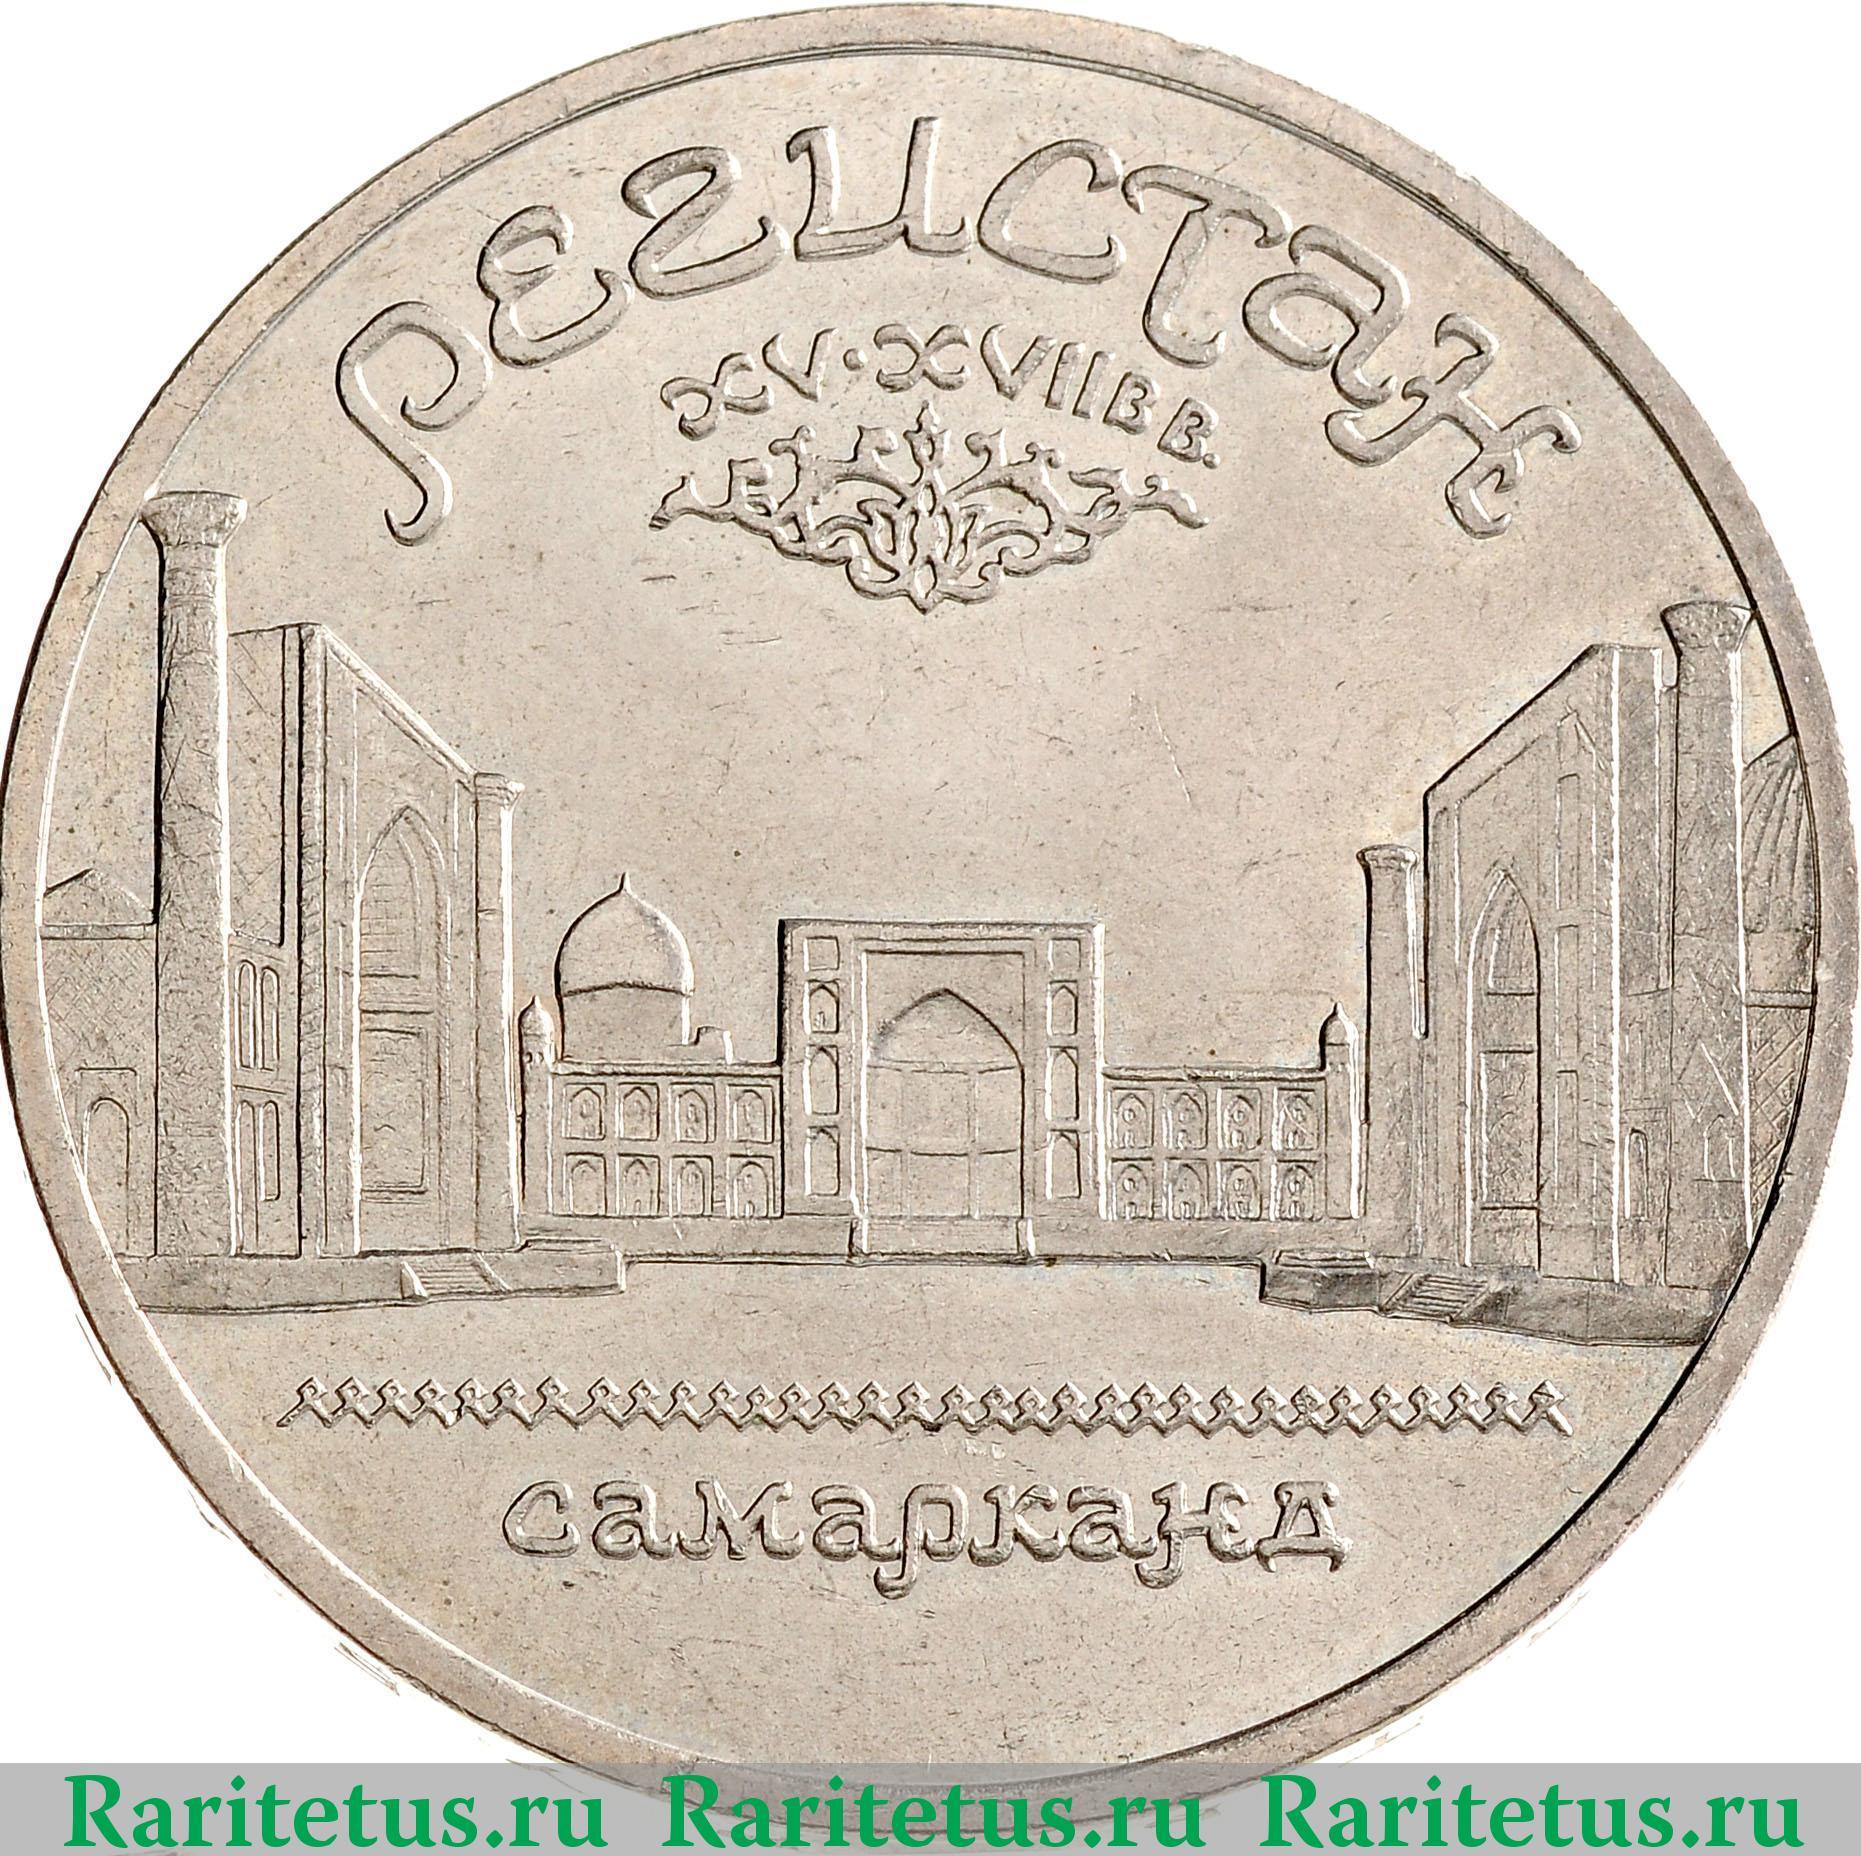 сколько может стоить монета 10 groszy 1968 года